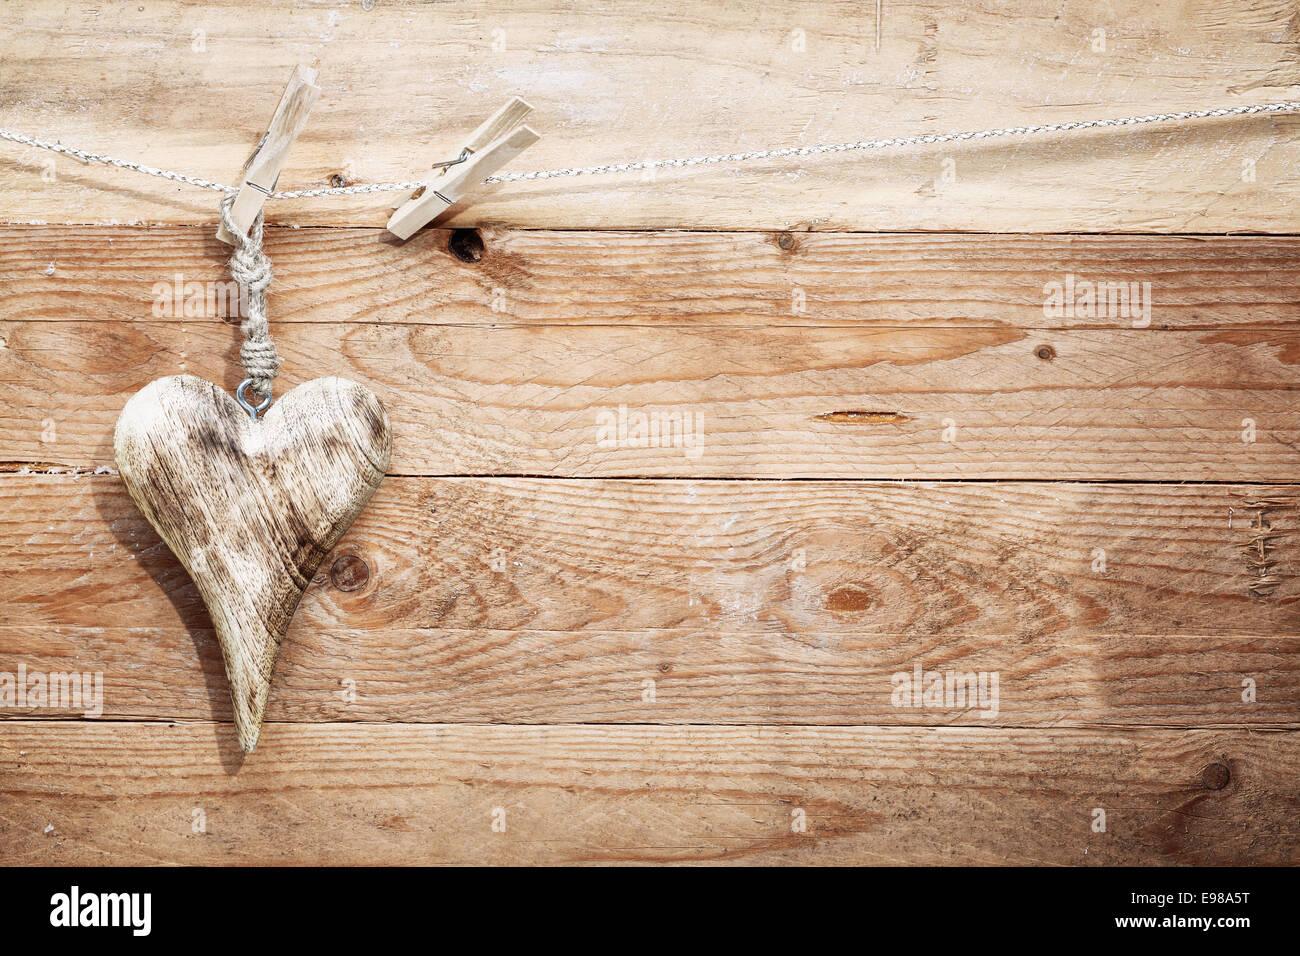 Splendida E Romantica In Legno Rustico Nel Cuore Con Una Forma Allungata Appeso Da Una Stringa Da Un Clothespeg Contro Testurizzato Di Tavole Di Legno Con Copyspace Per Il Tuo San Valentino